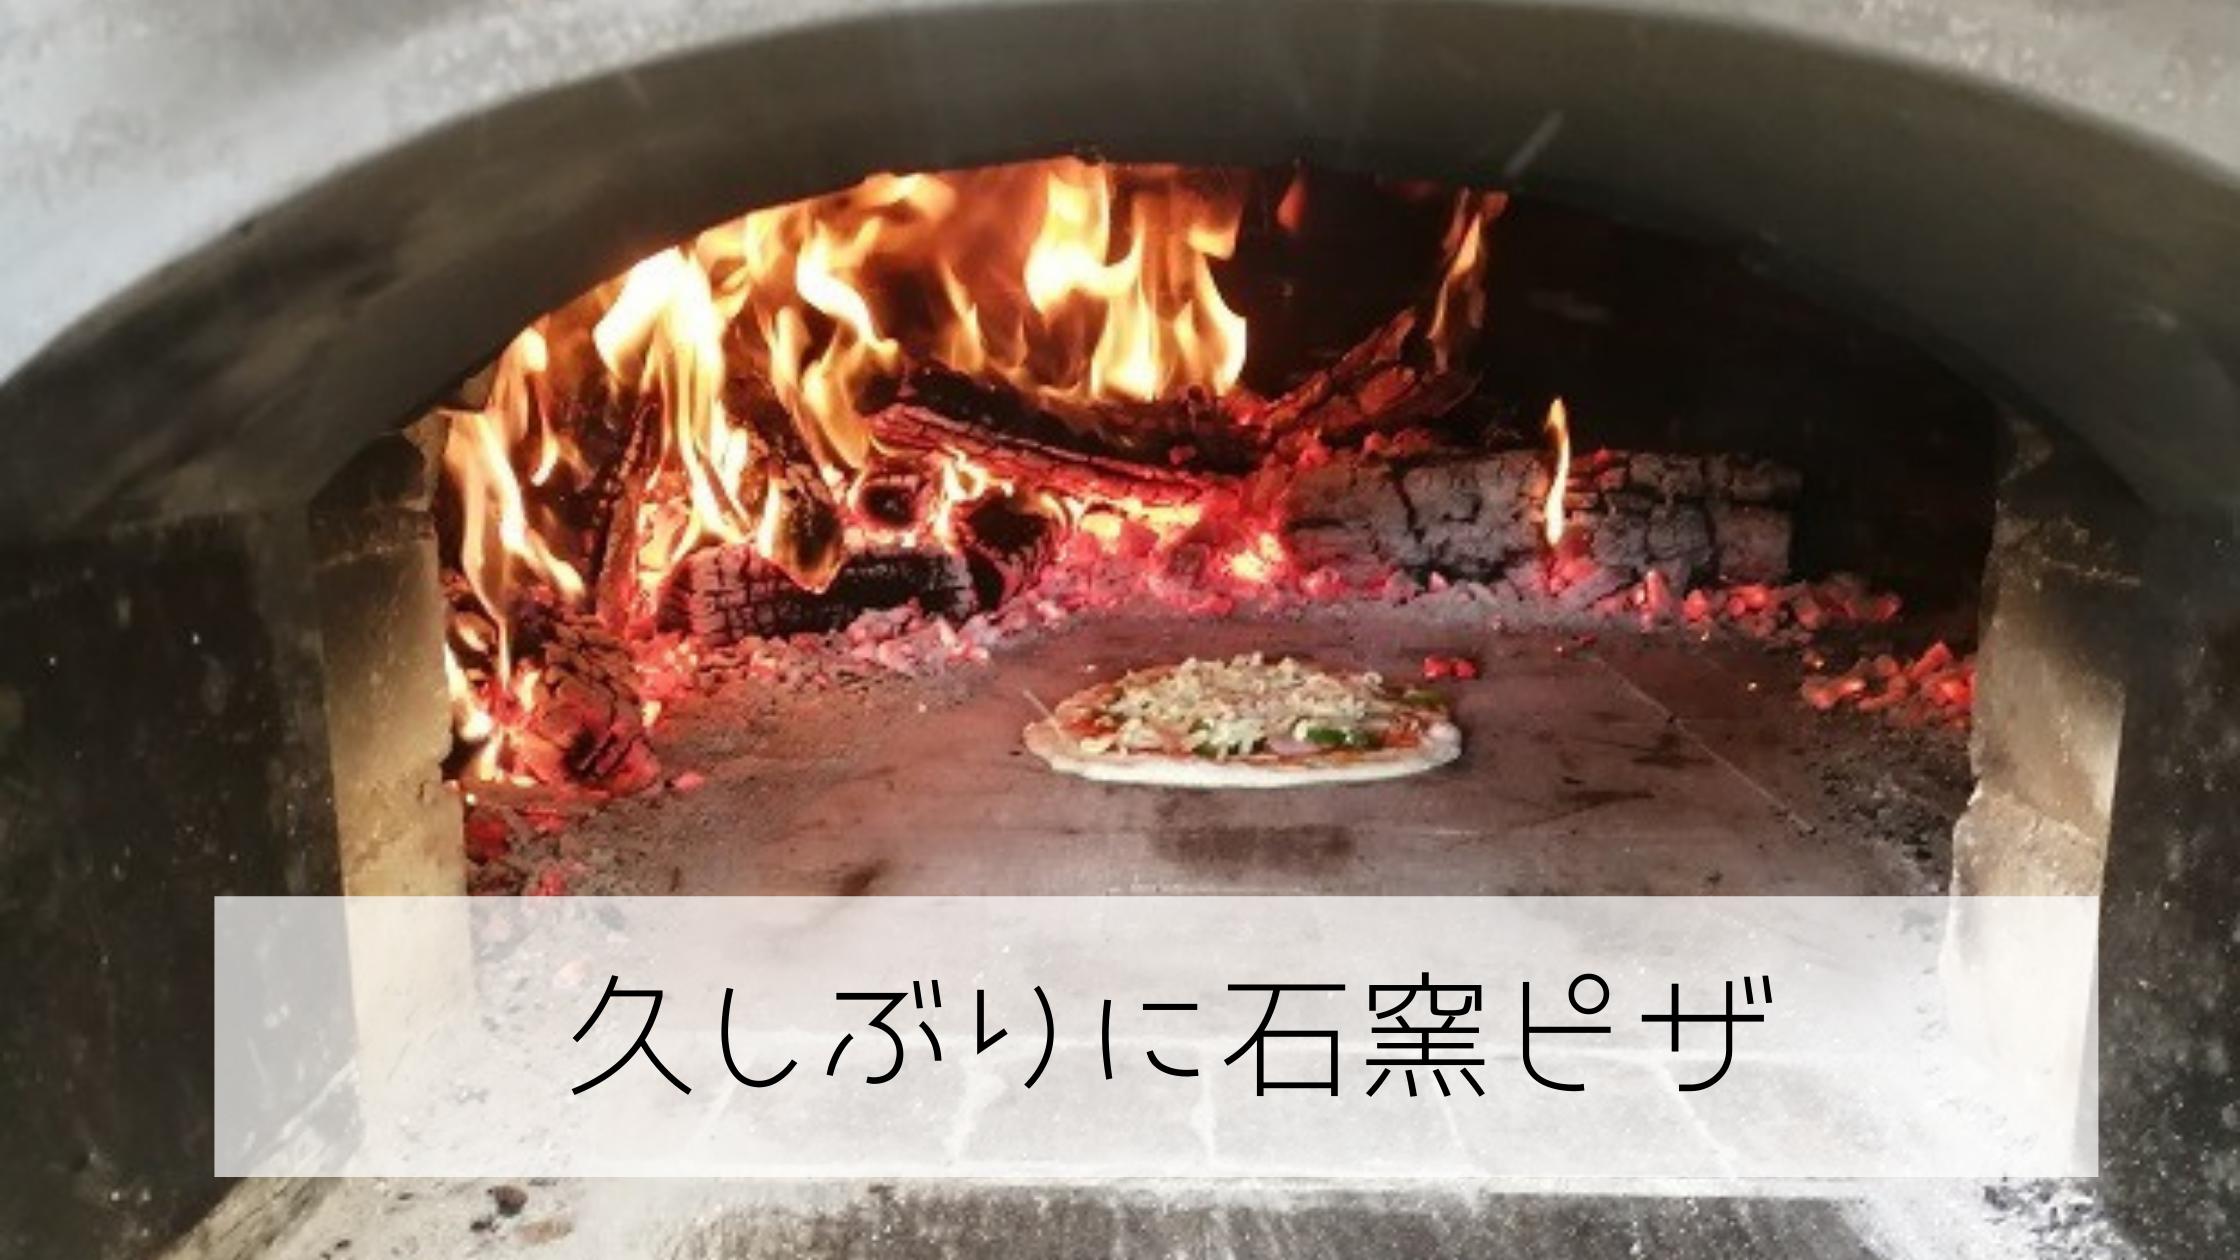 久しぶりに石窯ピザをつくってみました